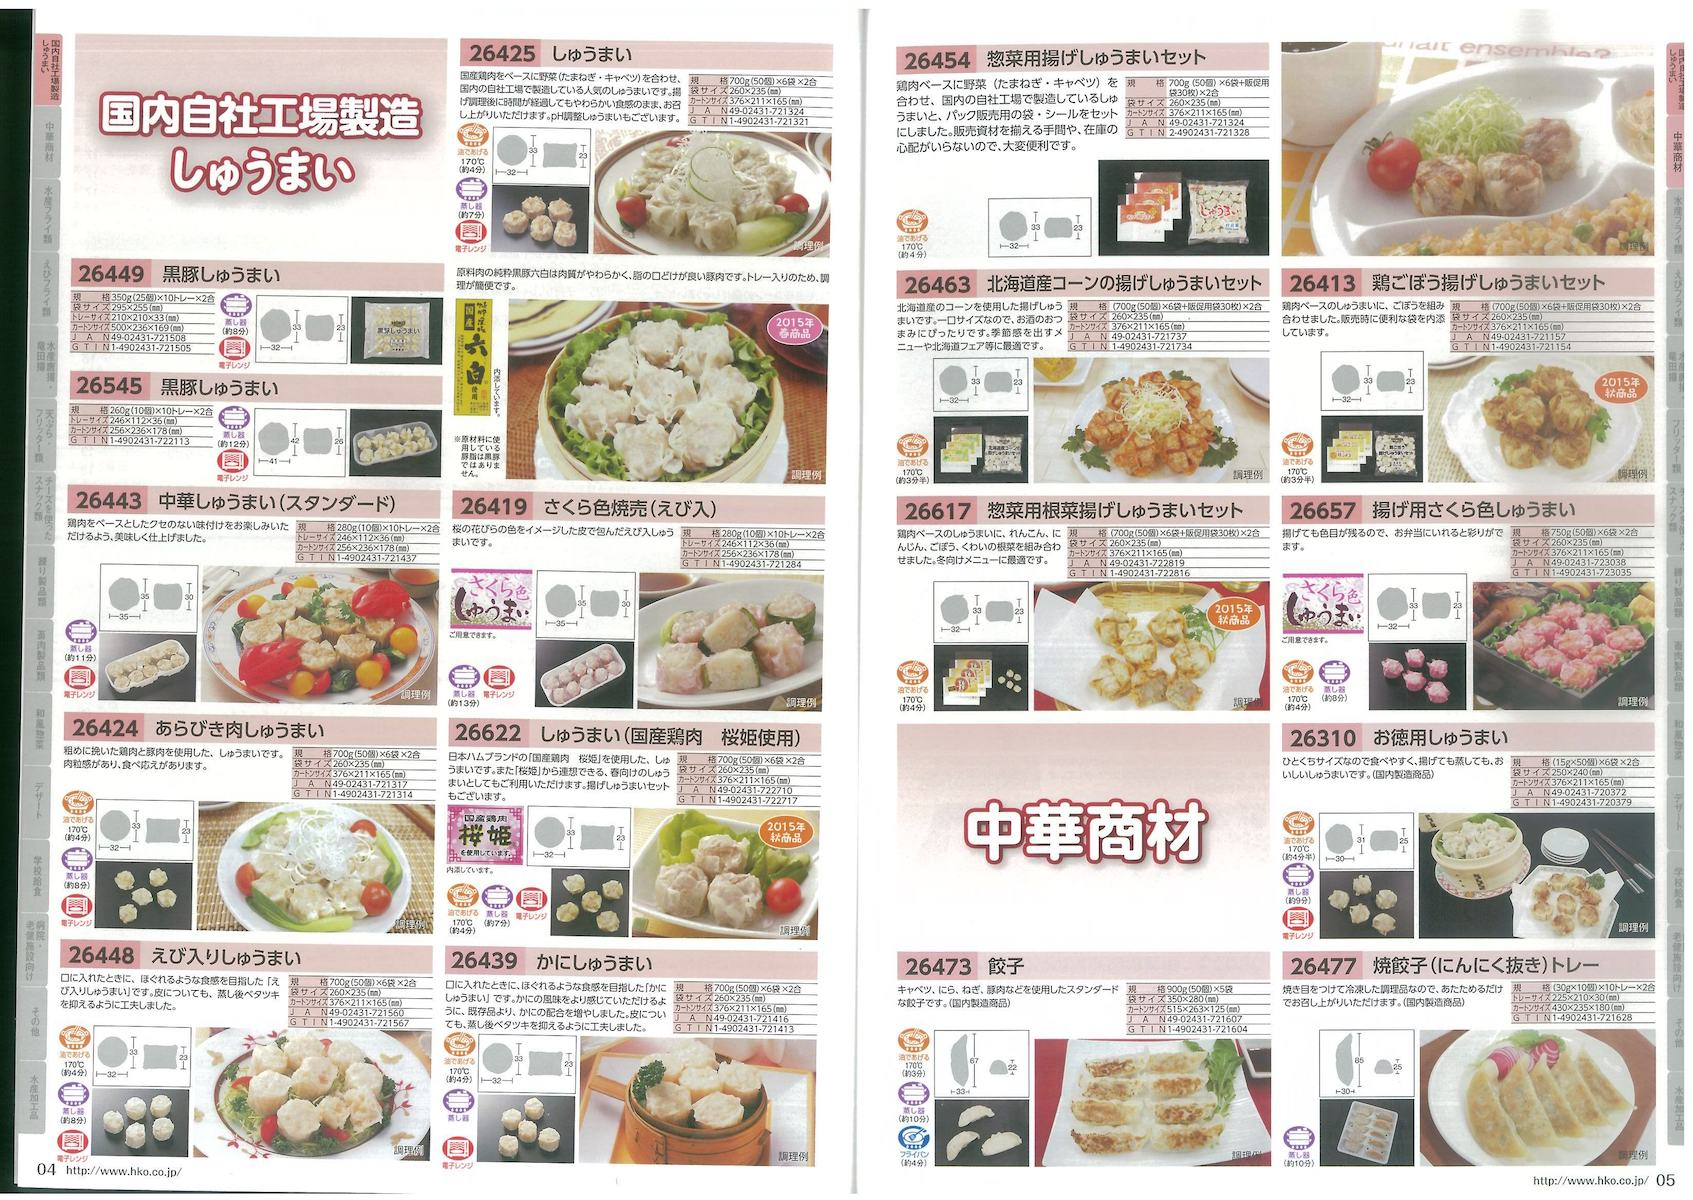 宝幸 HOKO しゅうまい 黒豚しゅうまい 黒豚しゅうまい 中華しゅうまい(スタンダード) さくら色焼売(えび入) あらびき肉しゅうまい しゅうまい(国産鶏肉 桜姫使用) えび入りしゅうまい かにしゅうまい 惣菜用揚げしゅうまいセット 北海道産コーンの揚げしゅうまいセット 鶏ごぼう揚げしゅうまいセット 惣菜用根菜揚げしゅうまいセット 揚げ用さくら色しゅうまい 中華商材 お徳用しゅうまい 餃子 焼餃子(にんにく抜き)トレー